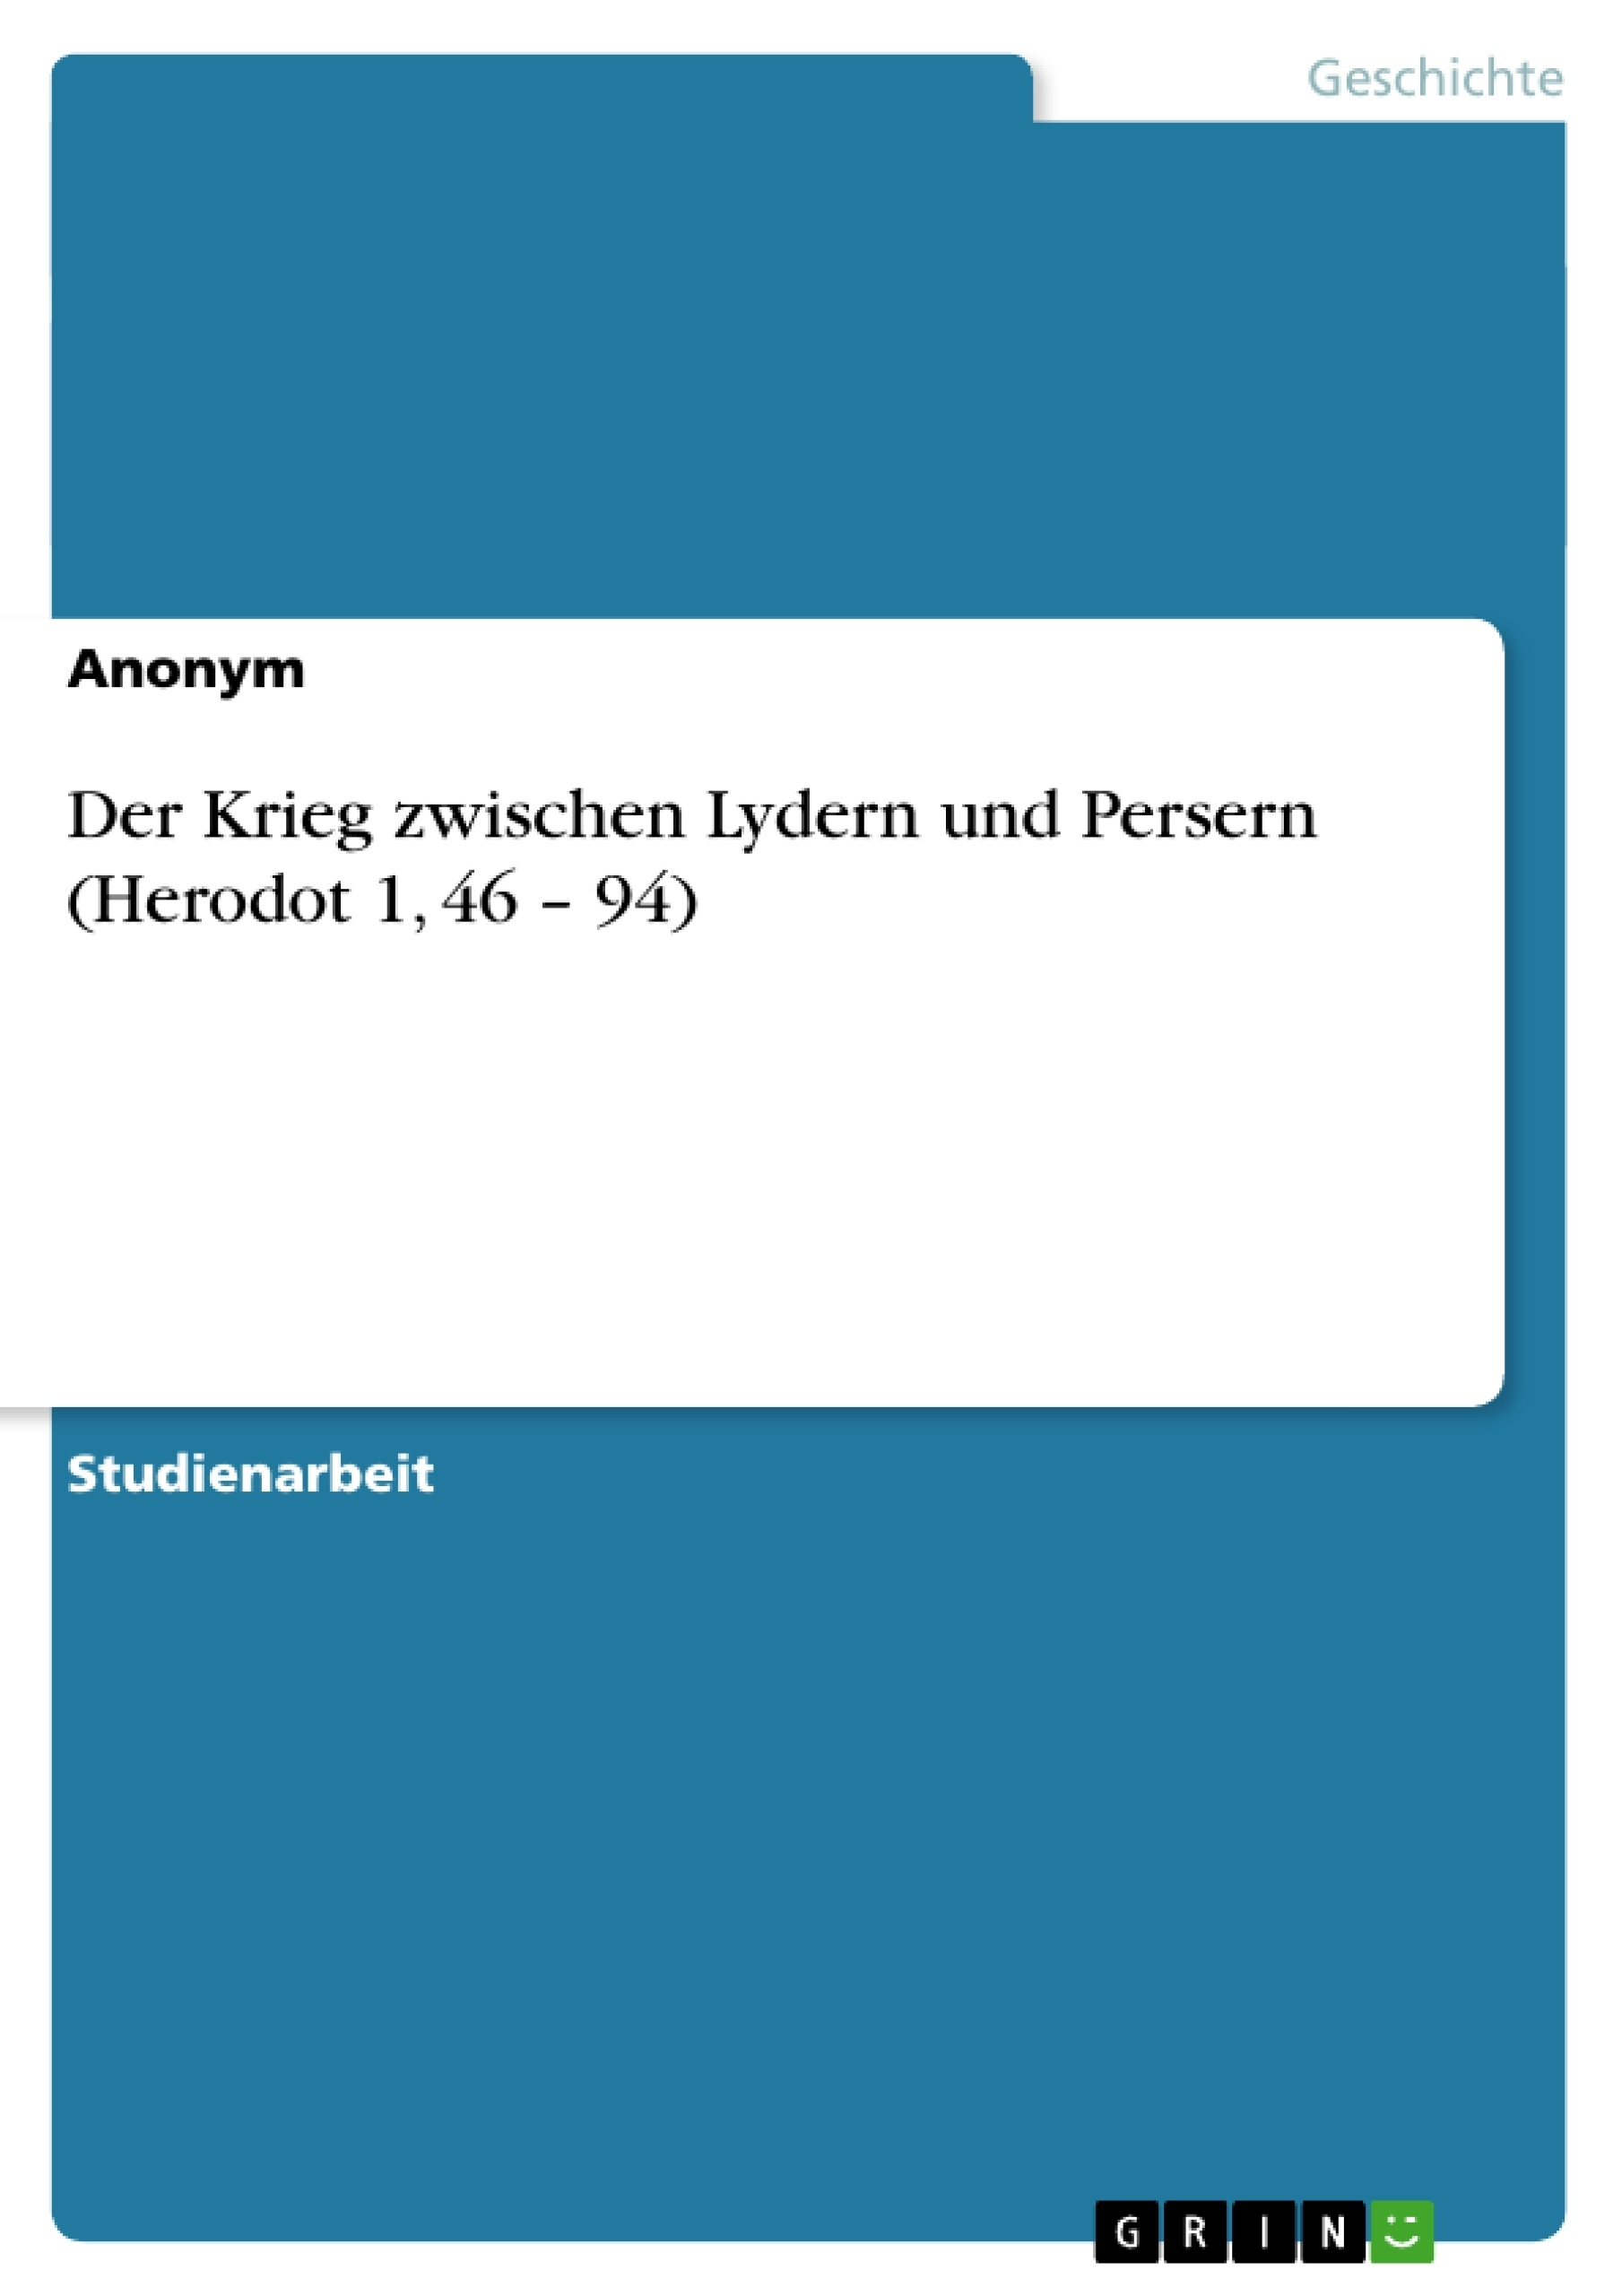 Titel: Der Krieg zwischen Lydern und Persern (Herodot 1, 46 – 94)